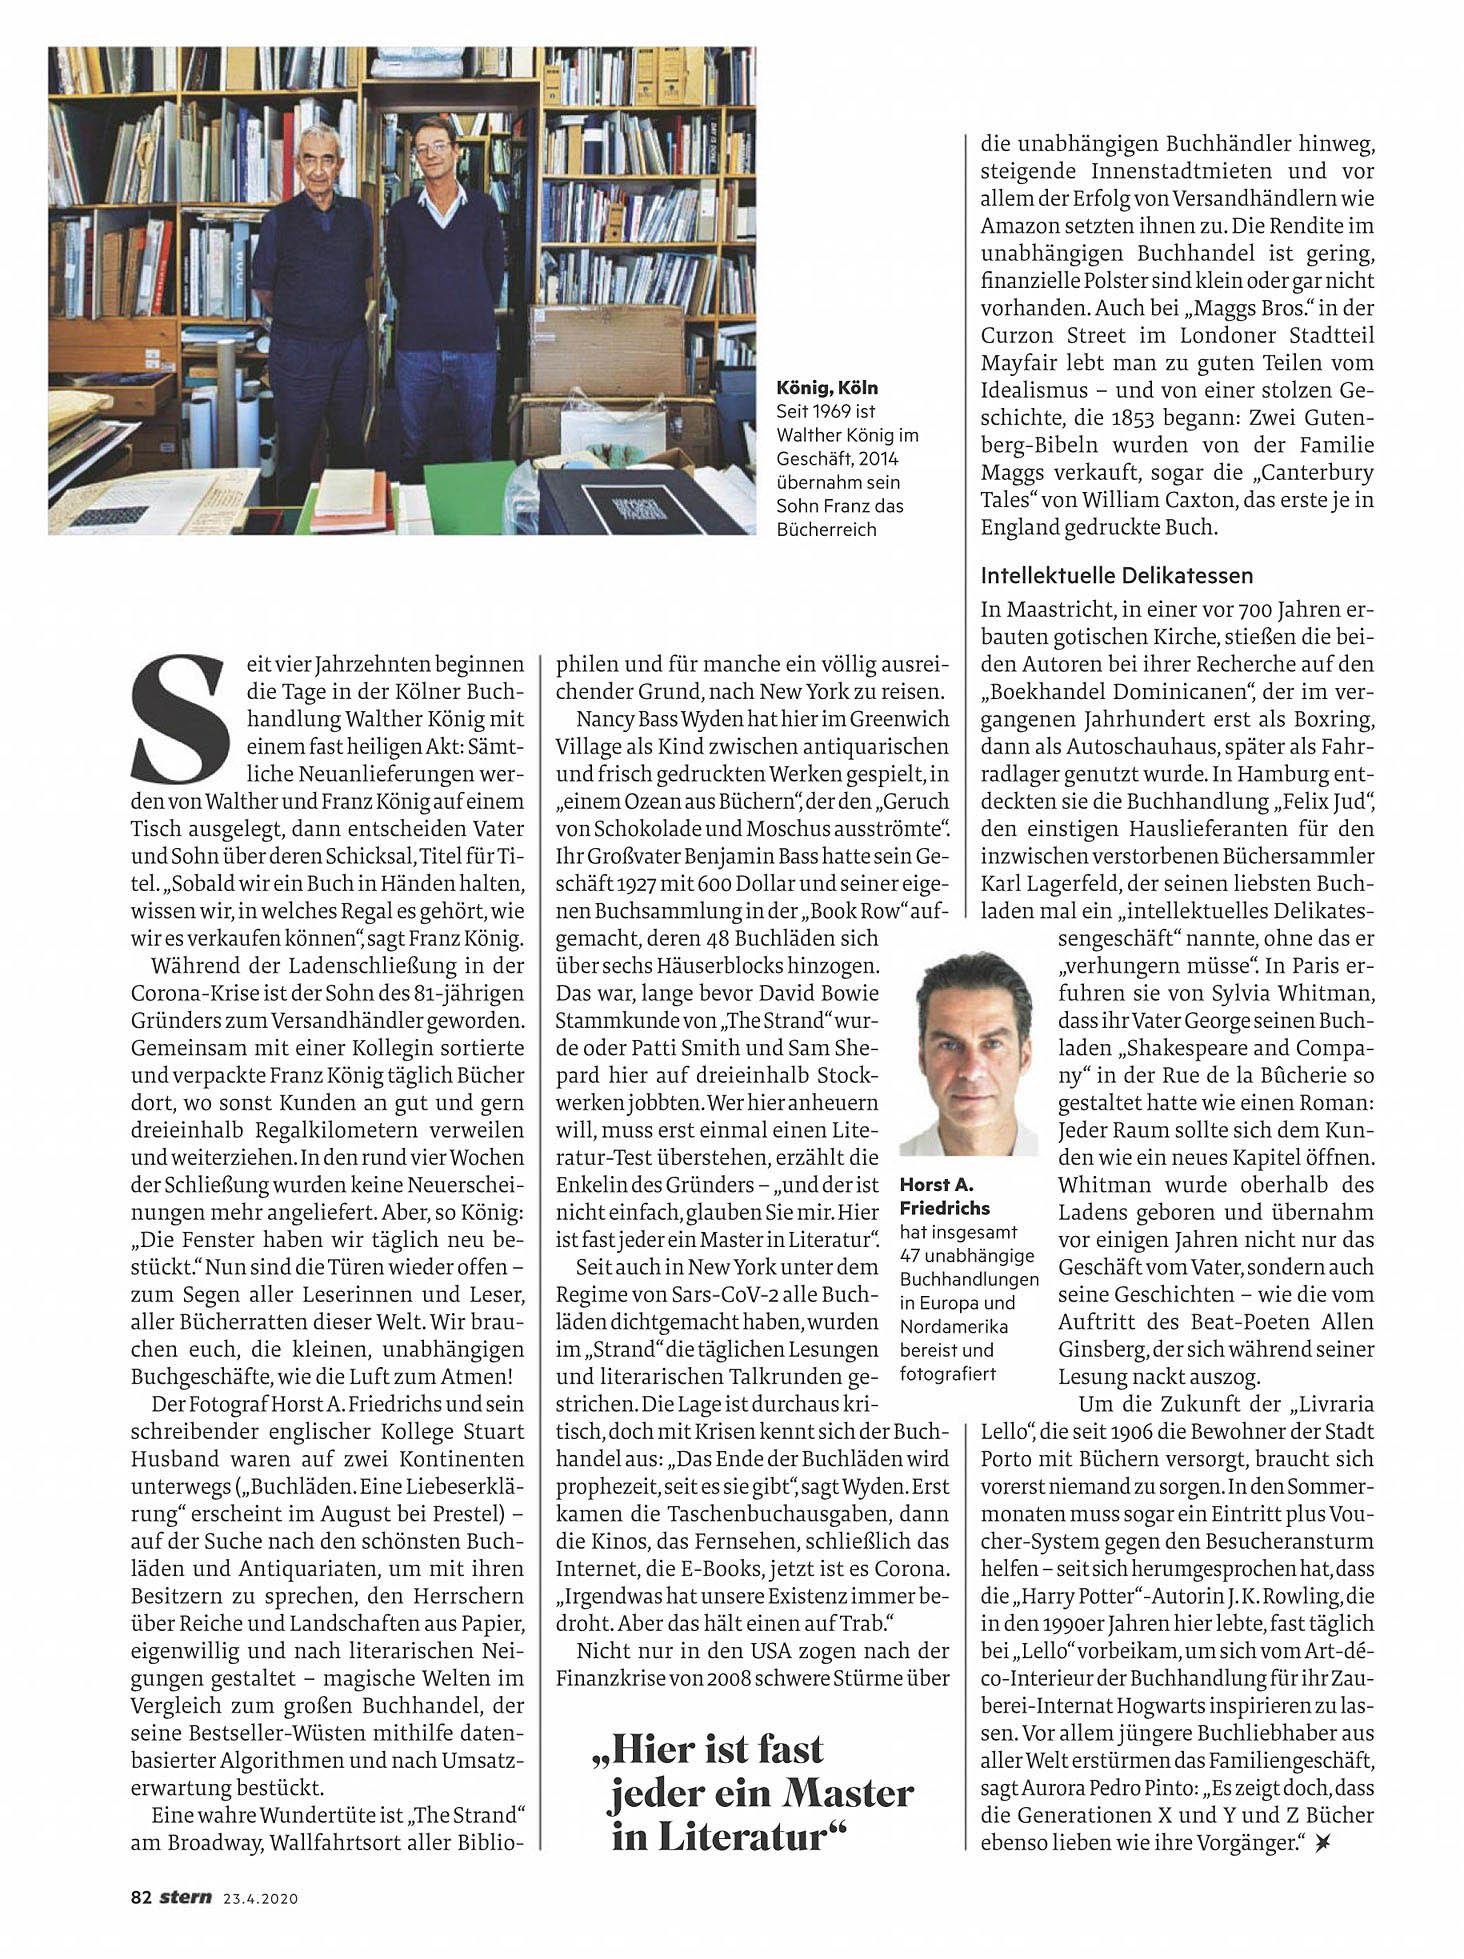 Stern 2020-04-23 Books 07.jpg